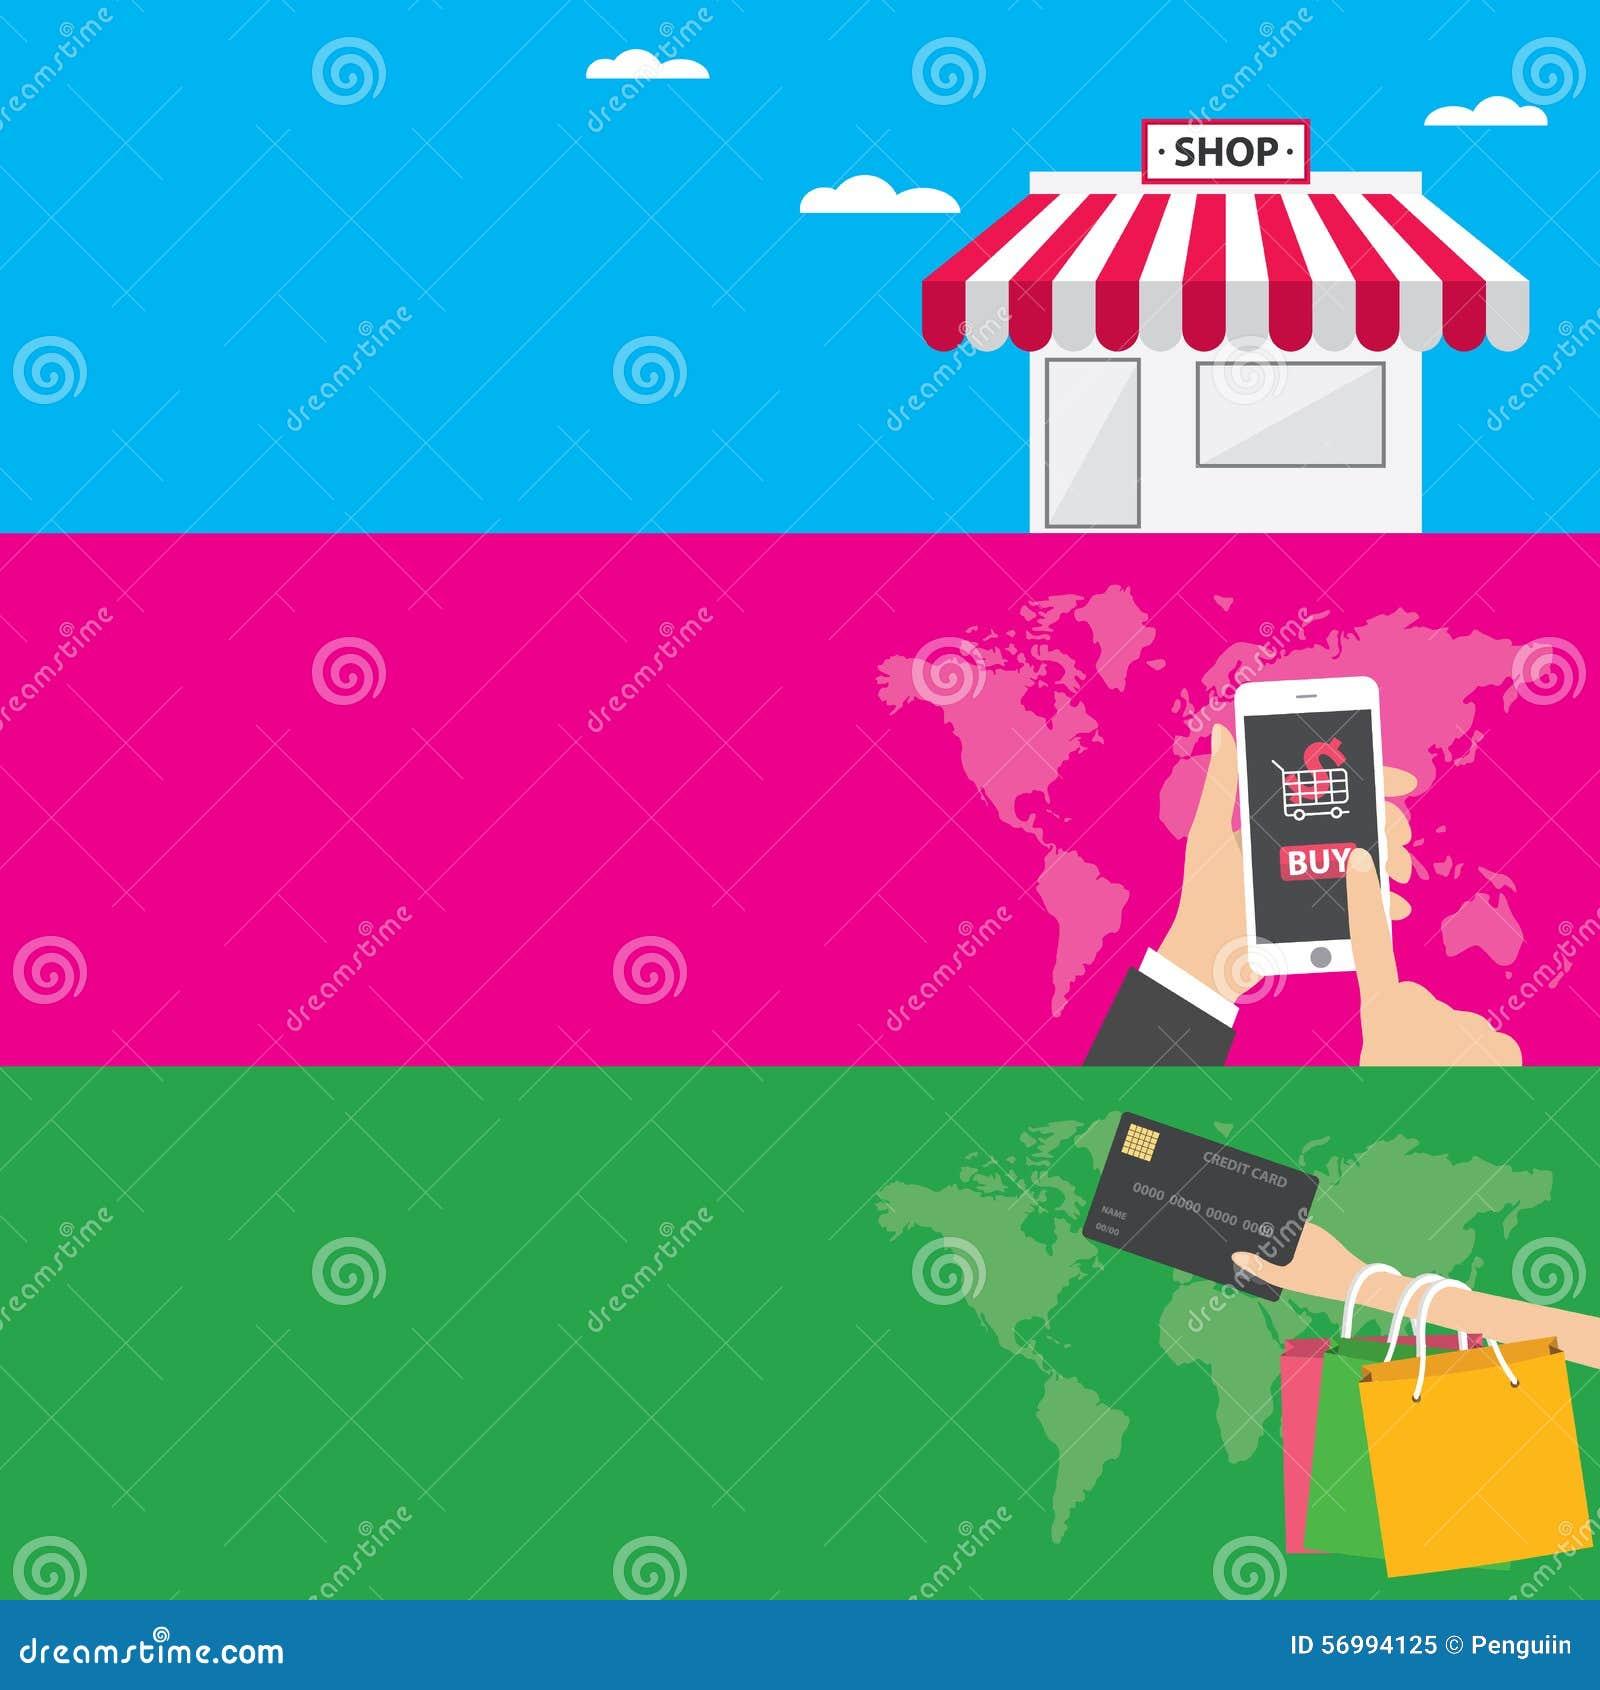 Jefes Del Sitio Web O Plantillas De Las Banderas De La Promoción El ...